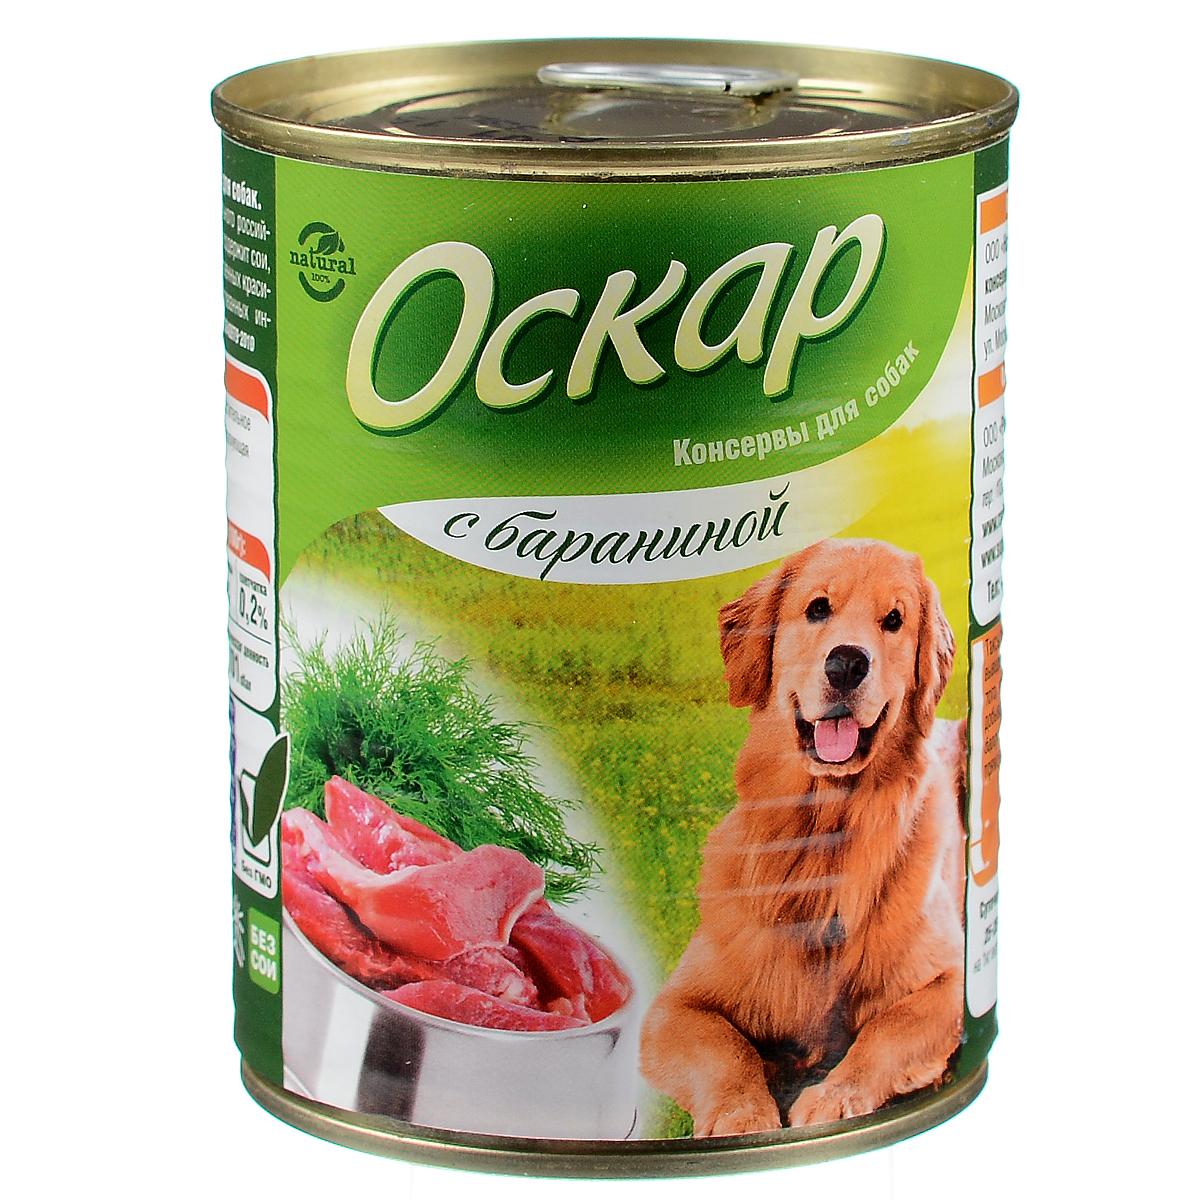 Консервы для собак Оскар, с бараниной, 350 г0120710Консервы для собак Оскар изготовлены из натурального российского мясного сырья. Не содержат сои, ароматизаторов, искусственных красителей, ГМО. Состав: баранина, субпродукты, растительное масло, натуральная желеобразующая добавка, соль, вода. Пищевая ценность (100 г): протеин 10%, жир 5%, углеводы 4%, клетчатка 0,2%, зола 2%, влага 75%. Энергетическая ценность (на 100 г): 101 кКал. Товар сертифицирован.